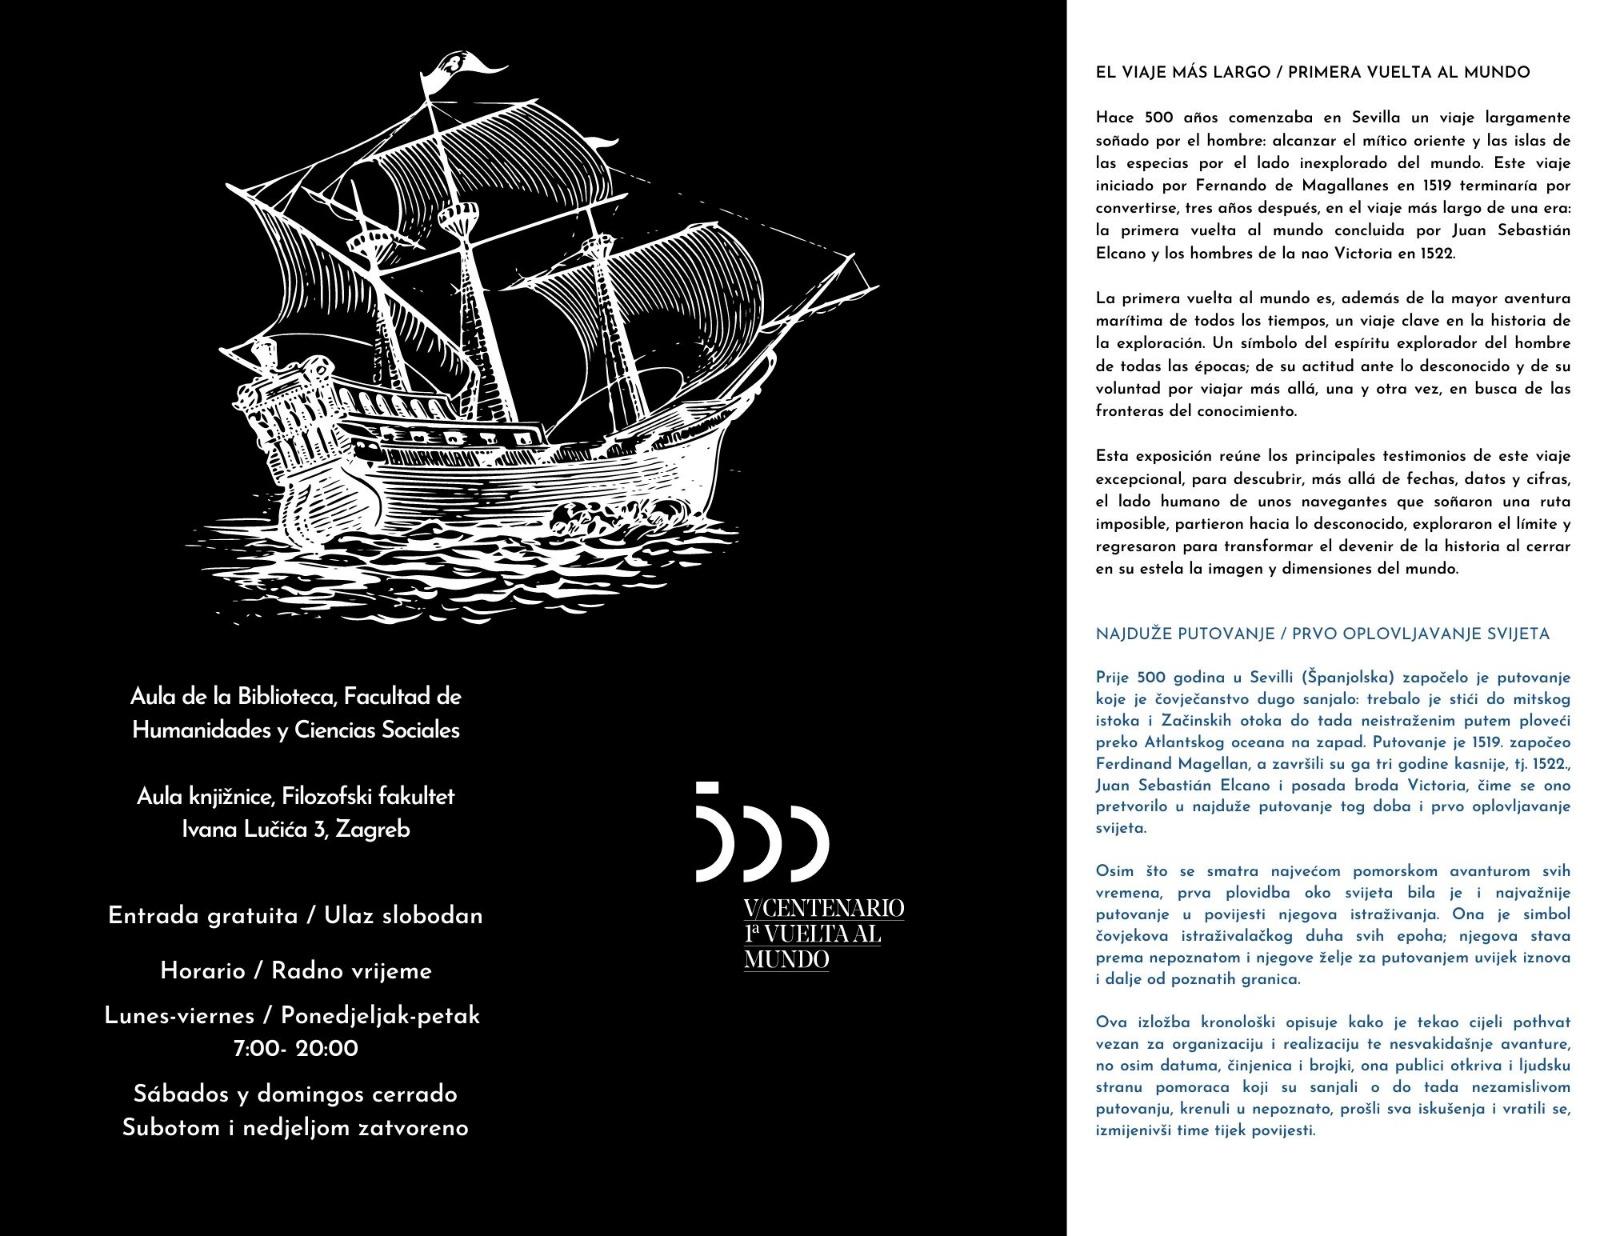 Izložba NAJDUŽE PUTOVANJE - prva plovidba oko svijeta